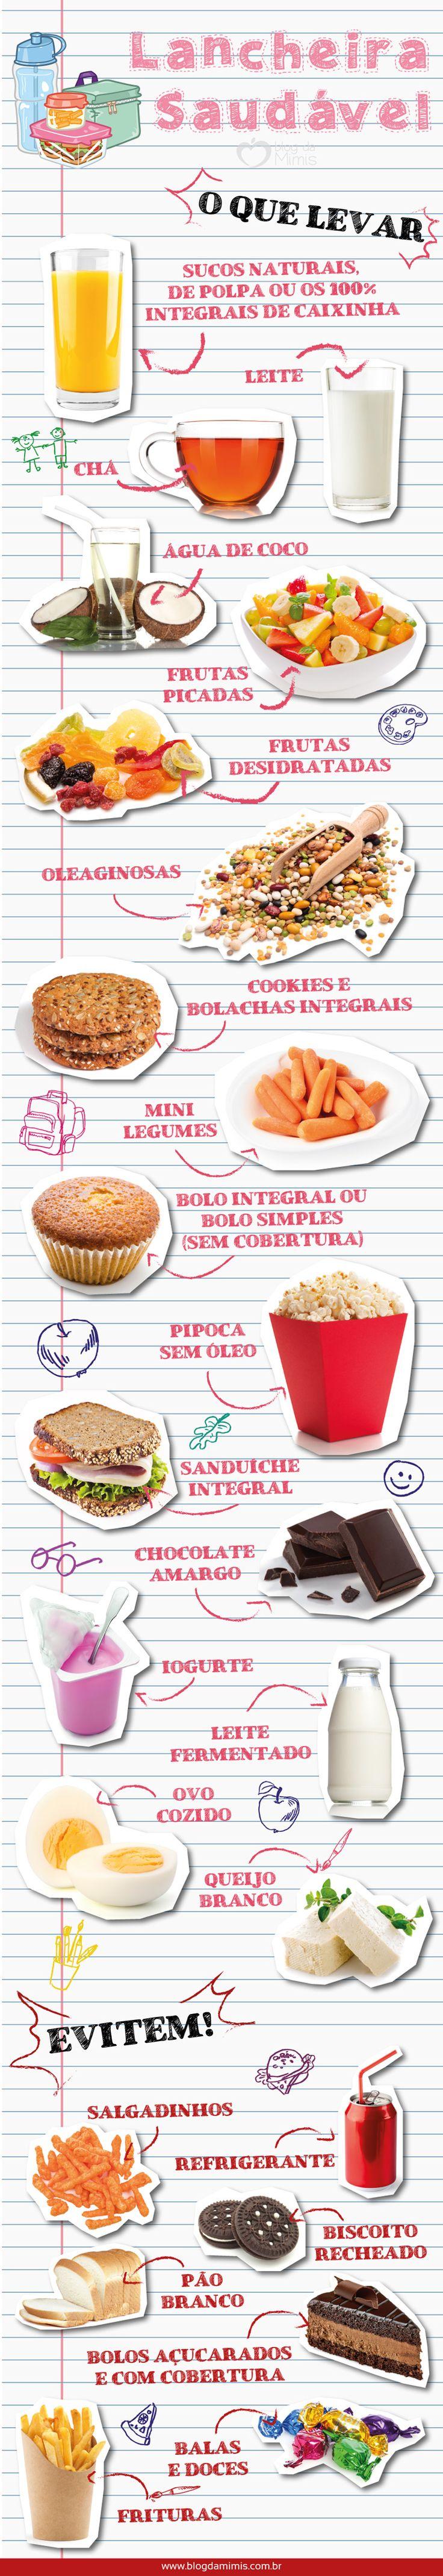 Alimentação saudável: como montar uma lancheira nutritiva | Blog Moda Infantil